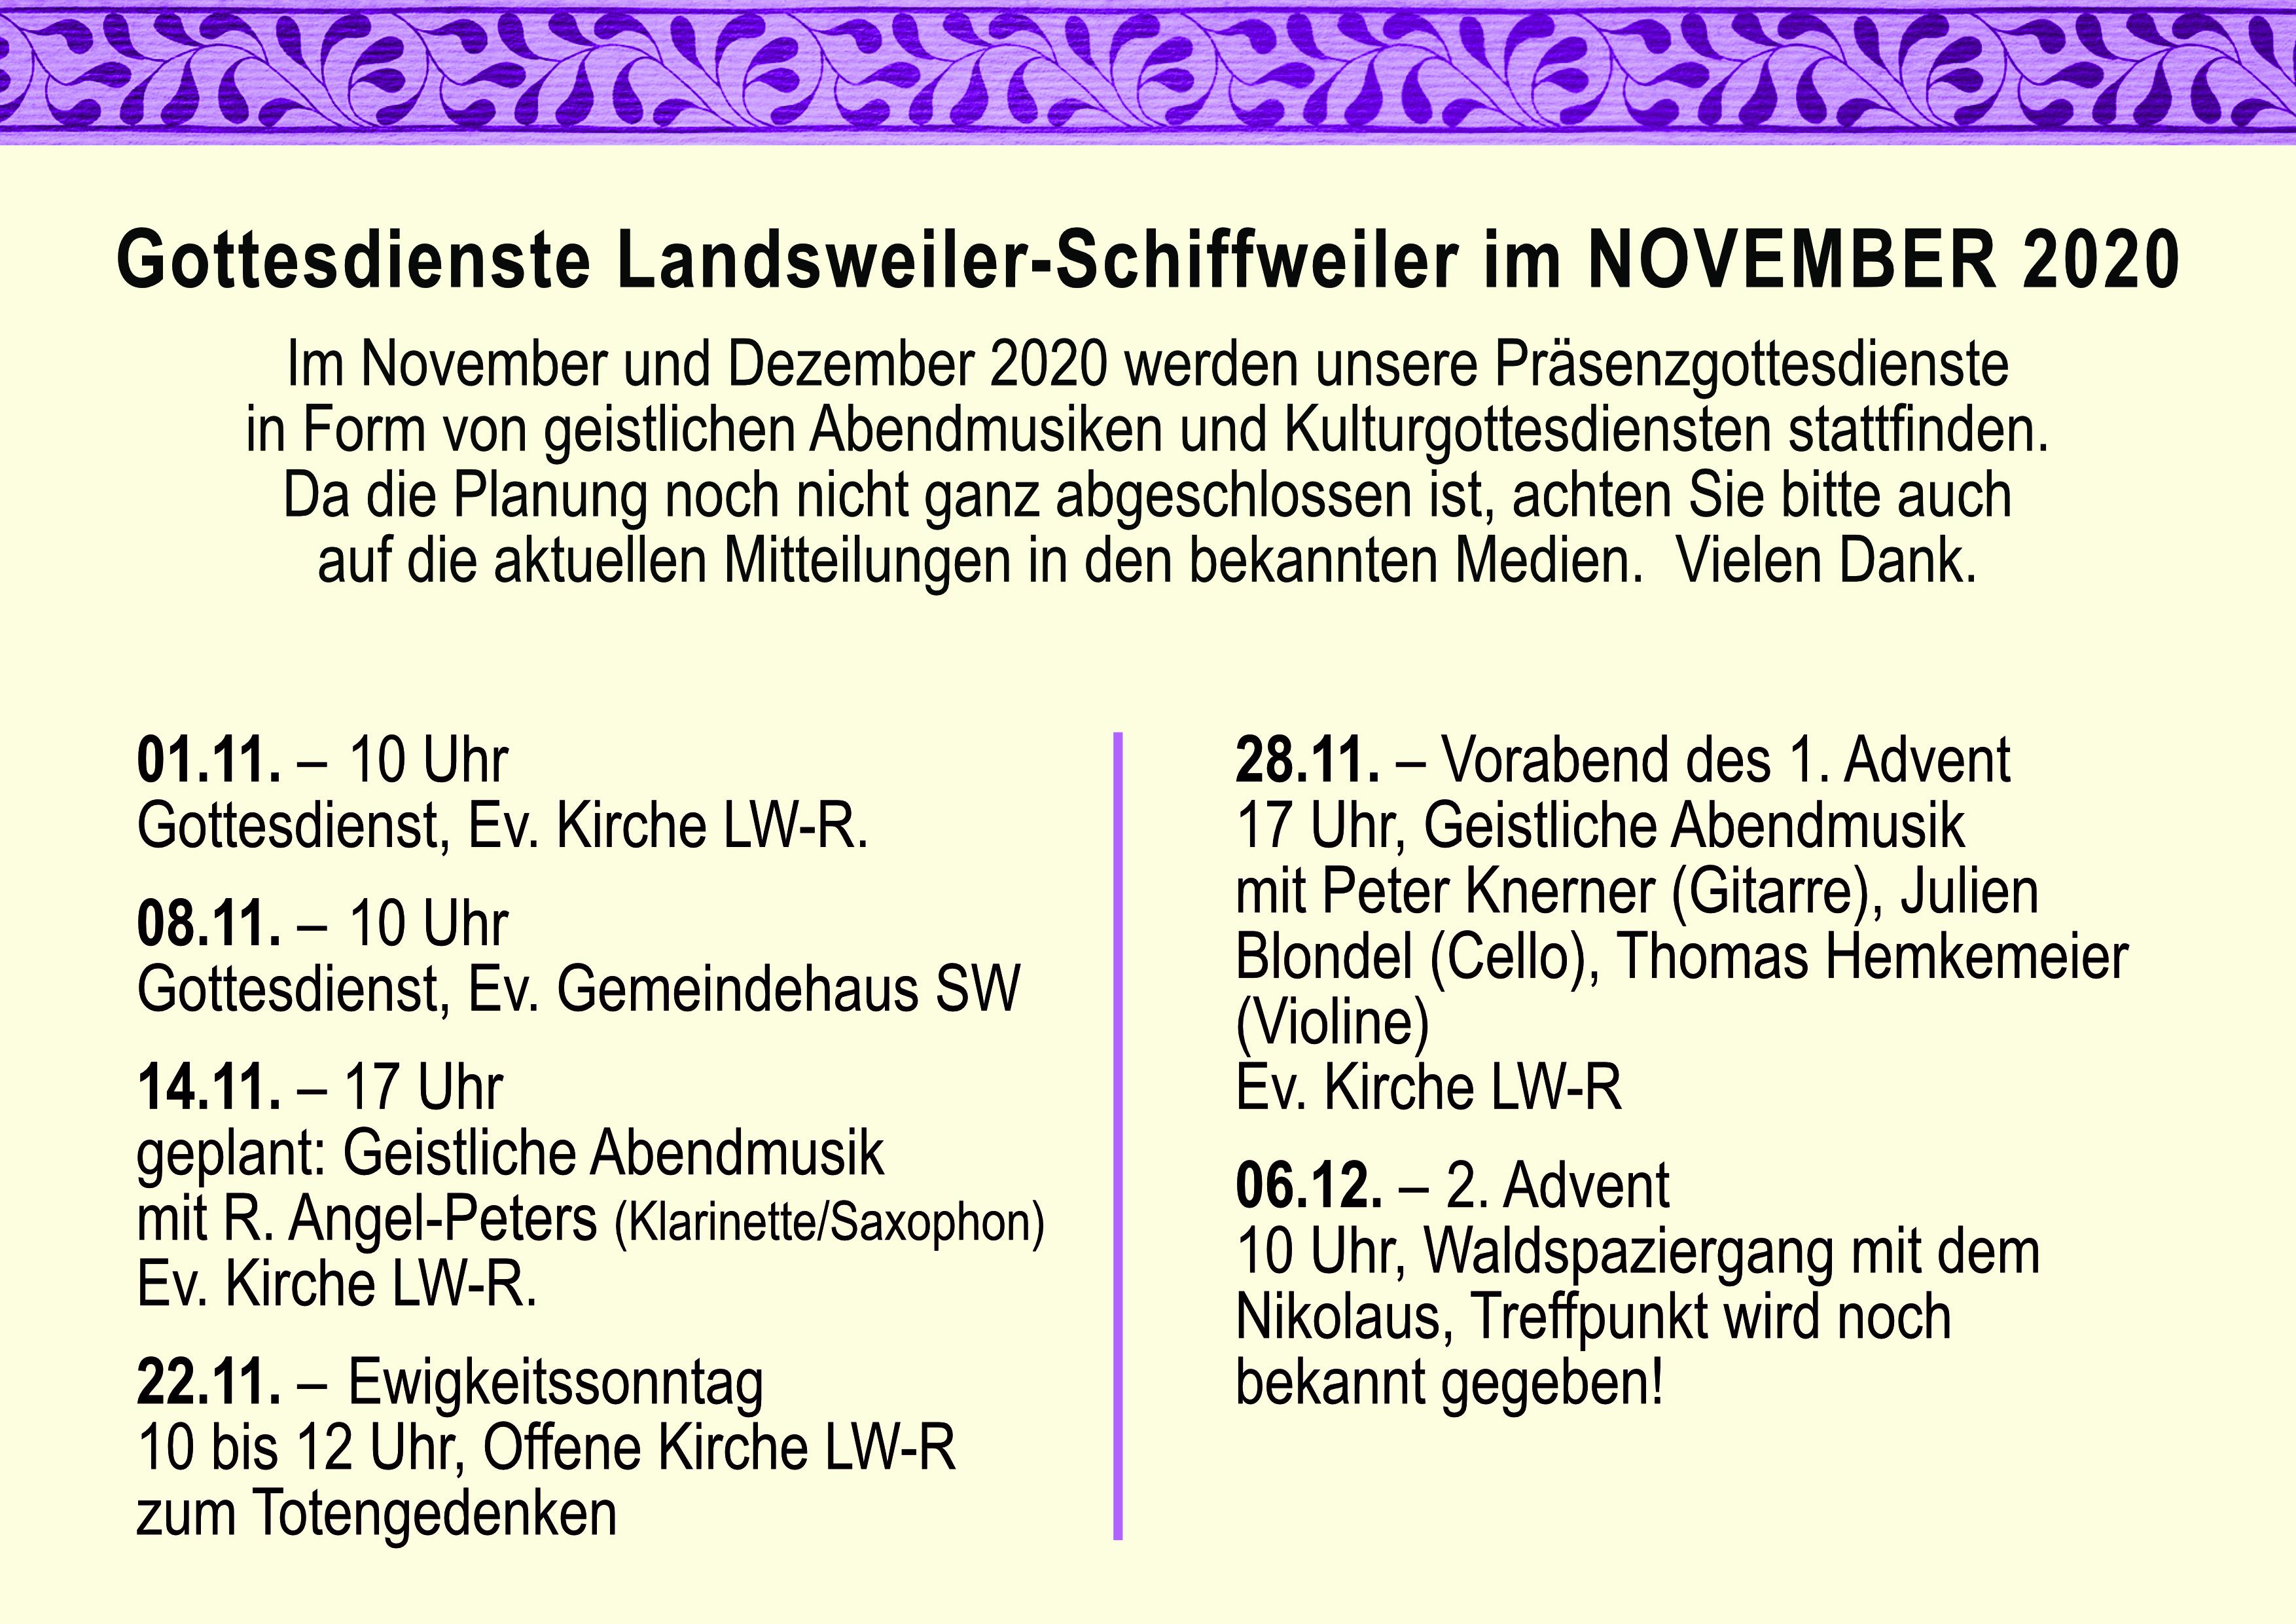 Gottesdienste im November 2020